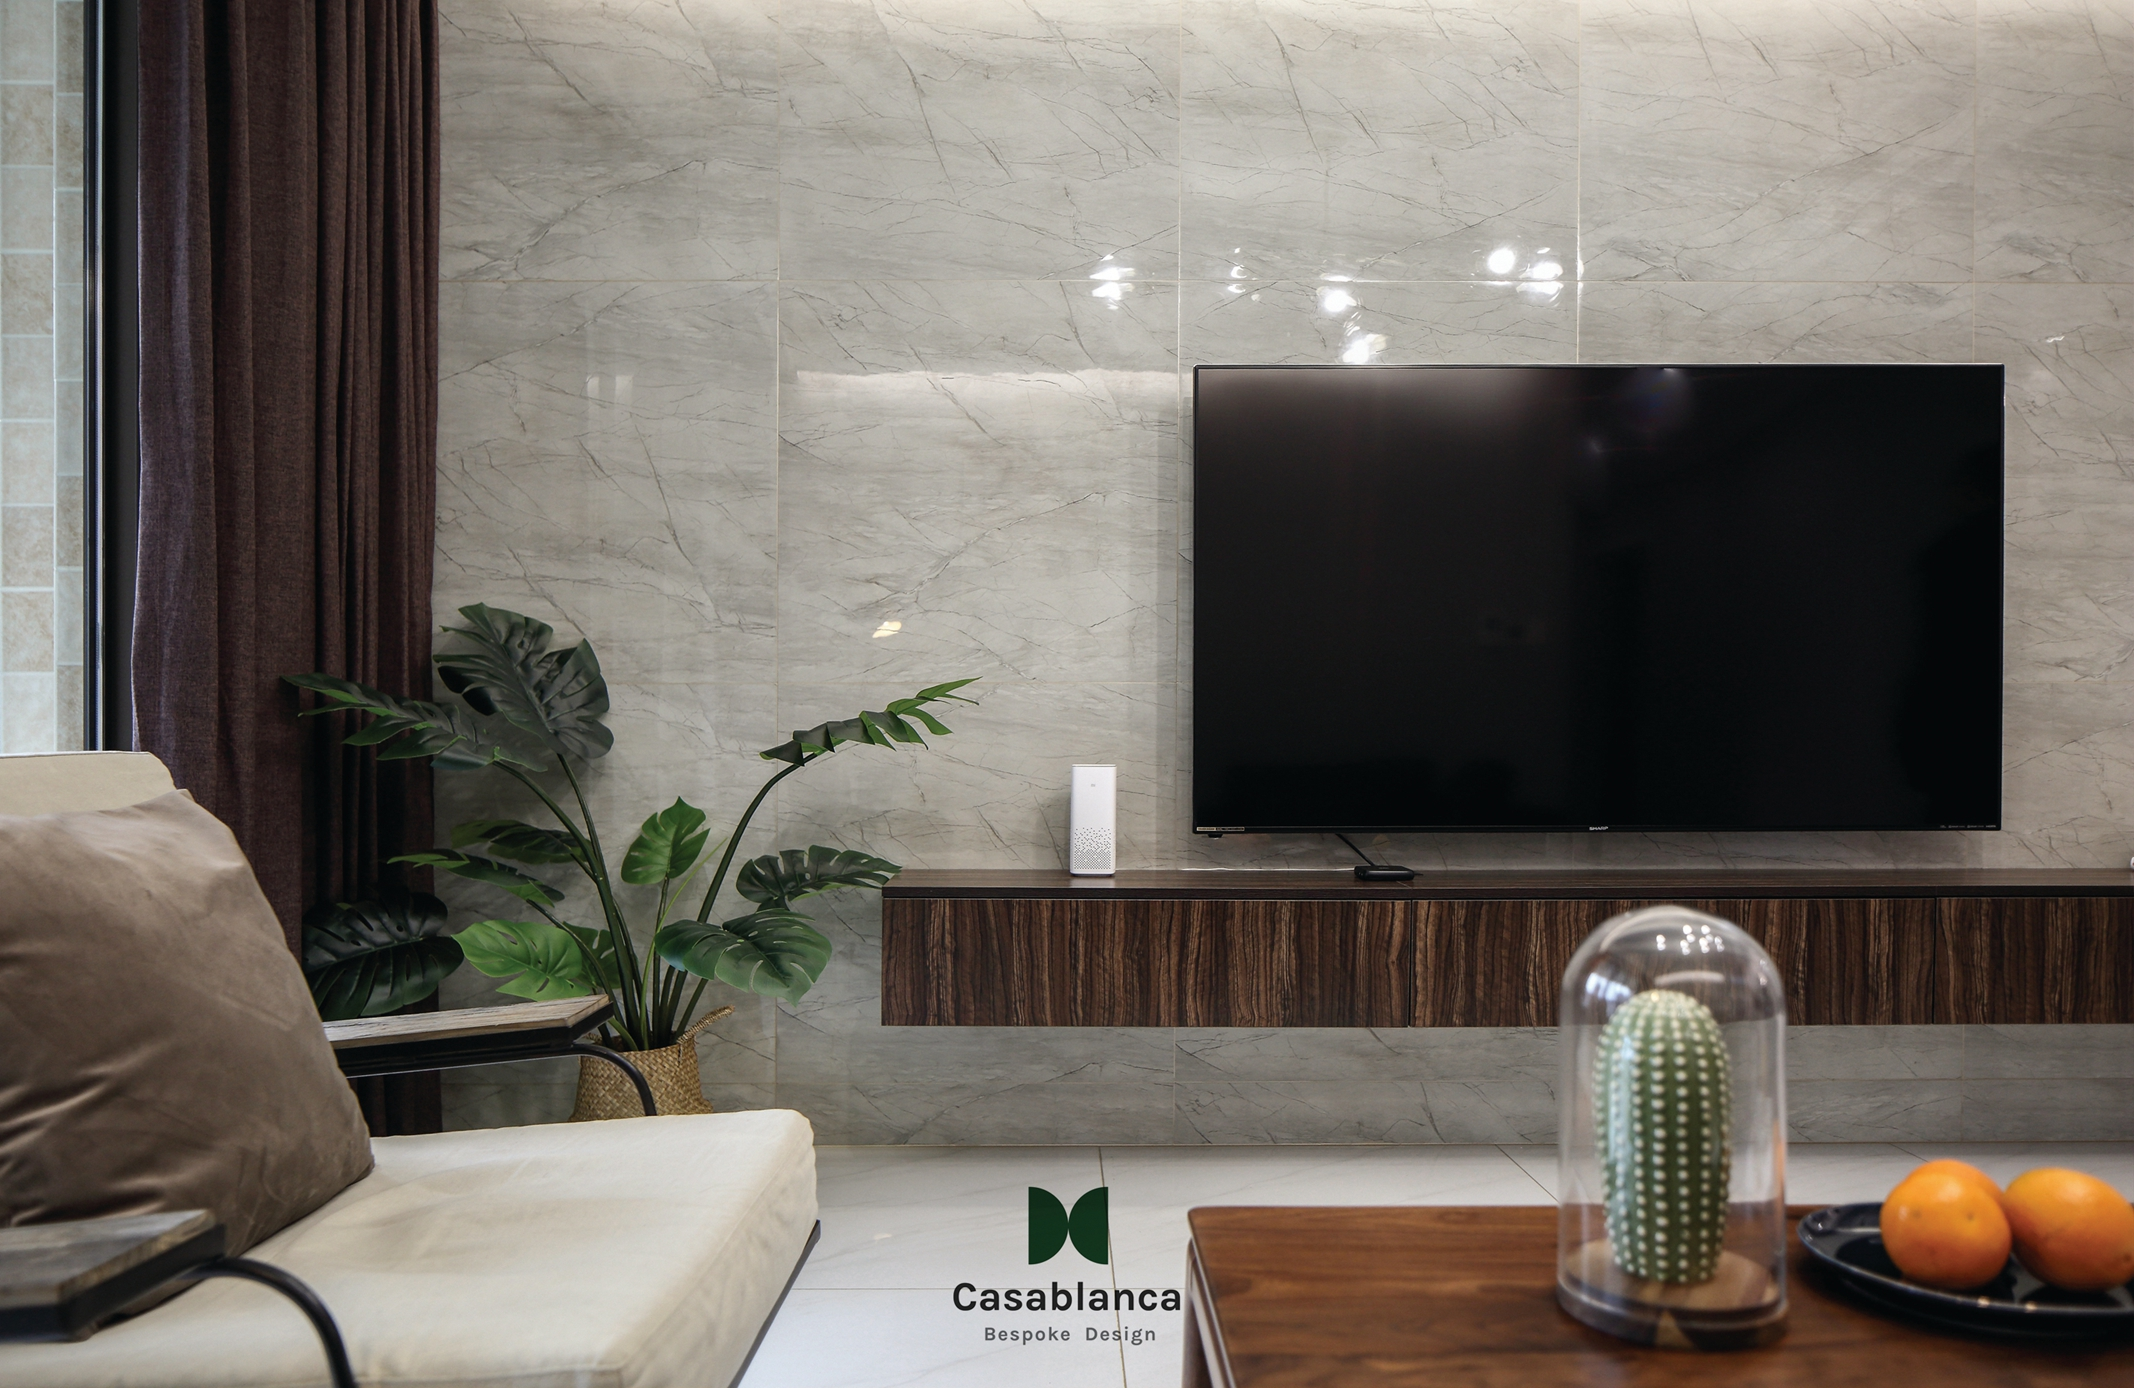 简约 三居 小资 客厅图片来自王玲在让家愉悦自己的分享